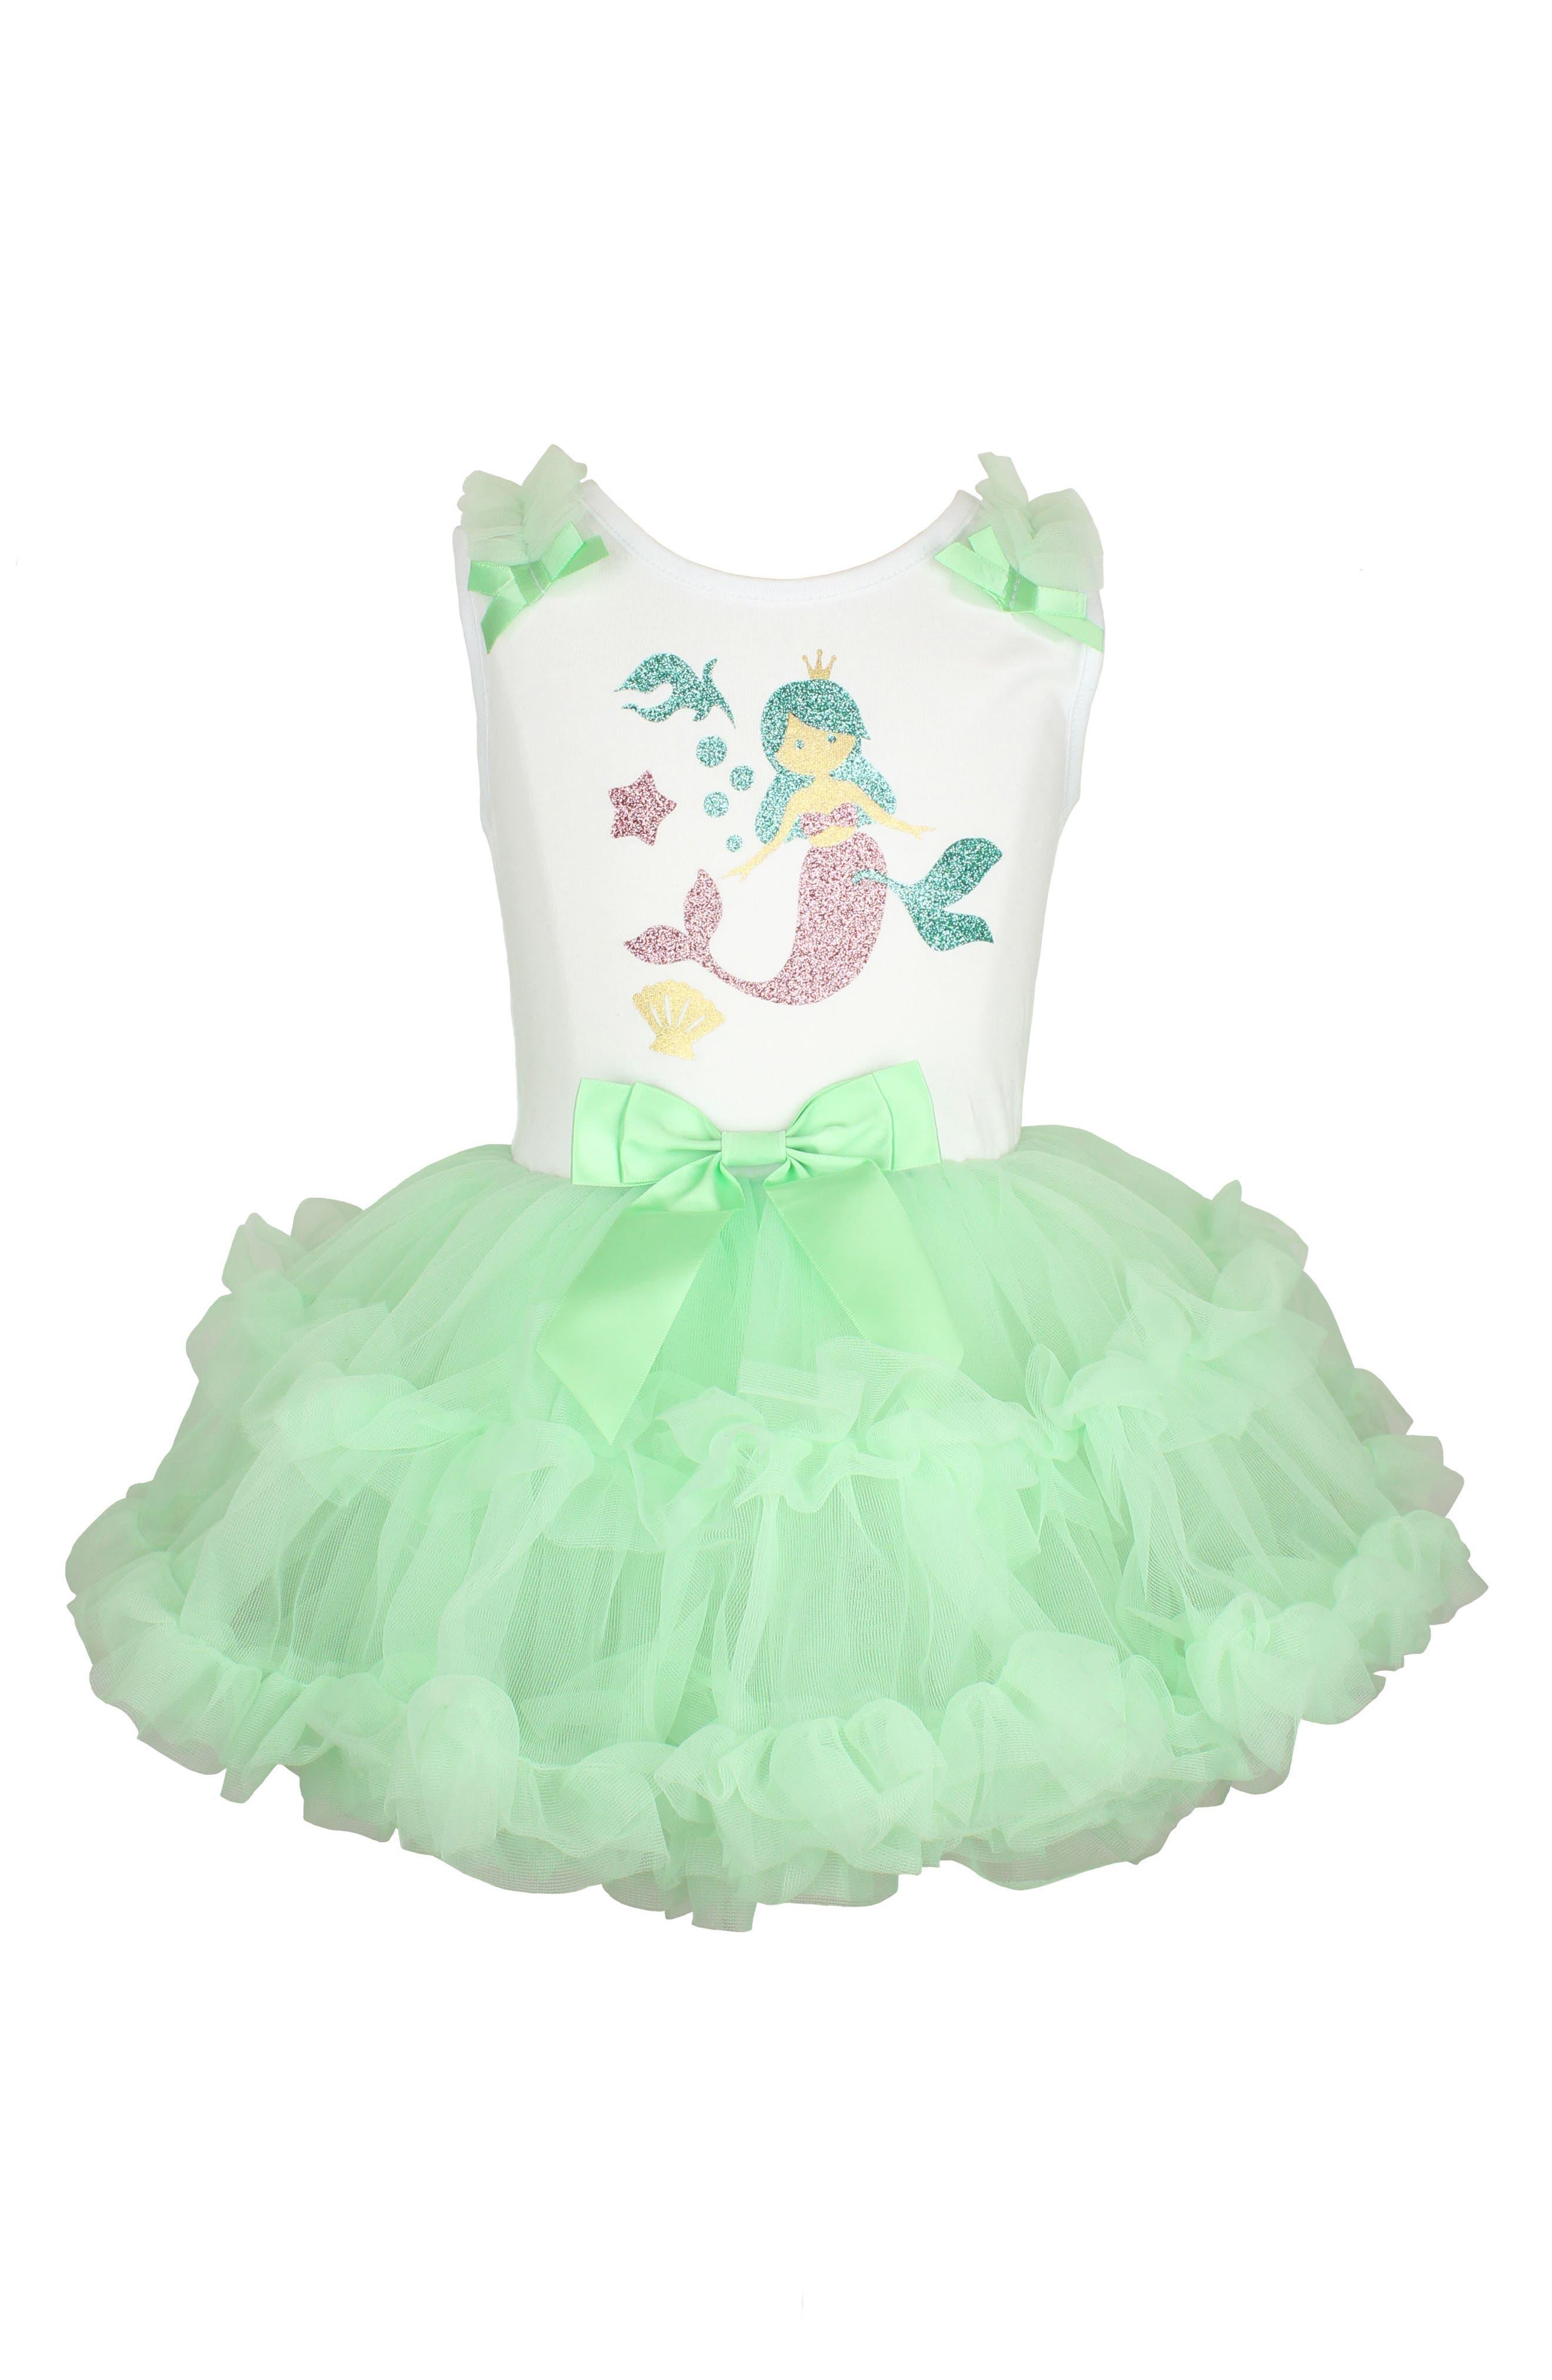 Popatu Mermaid Pettidress (Baby Girls)